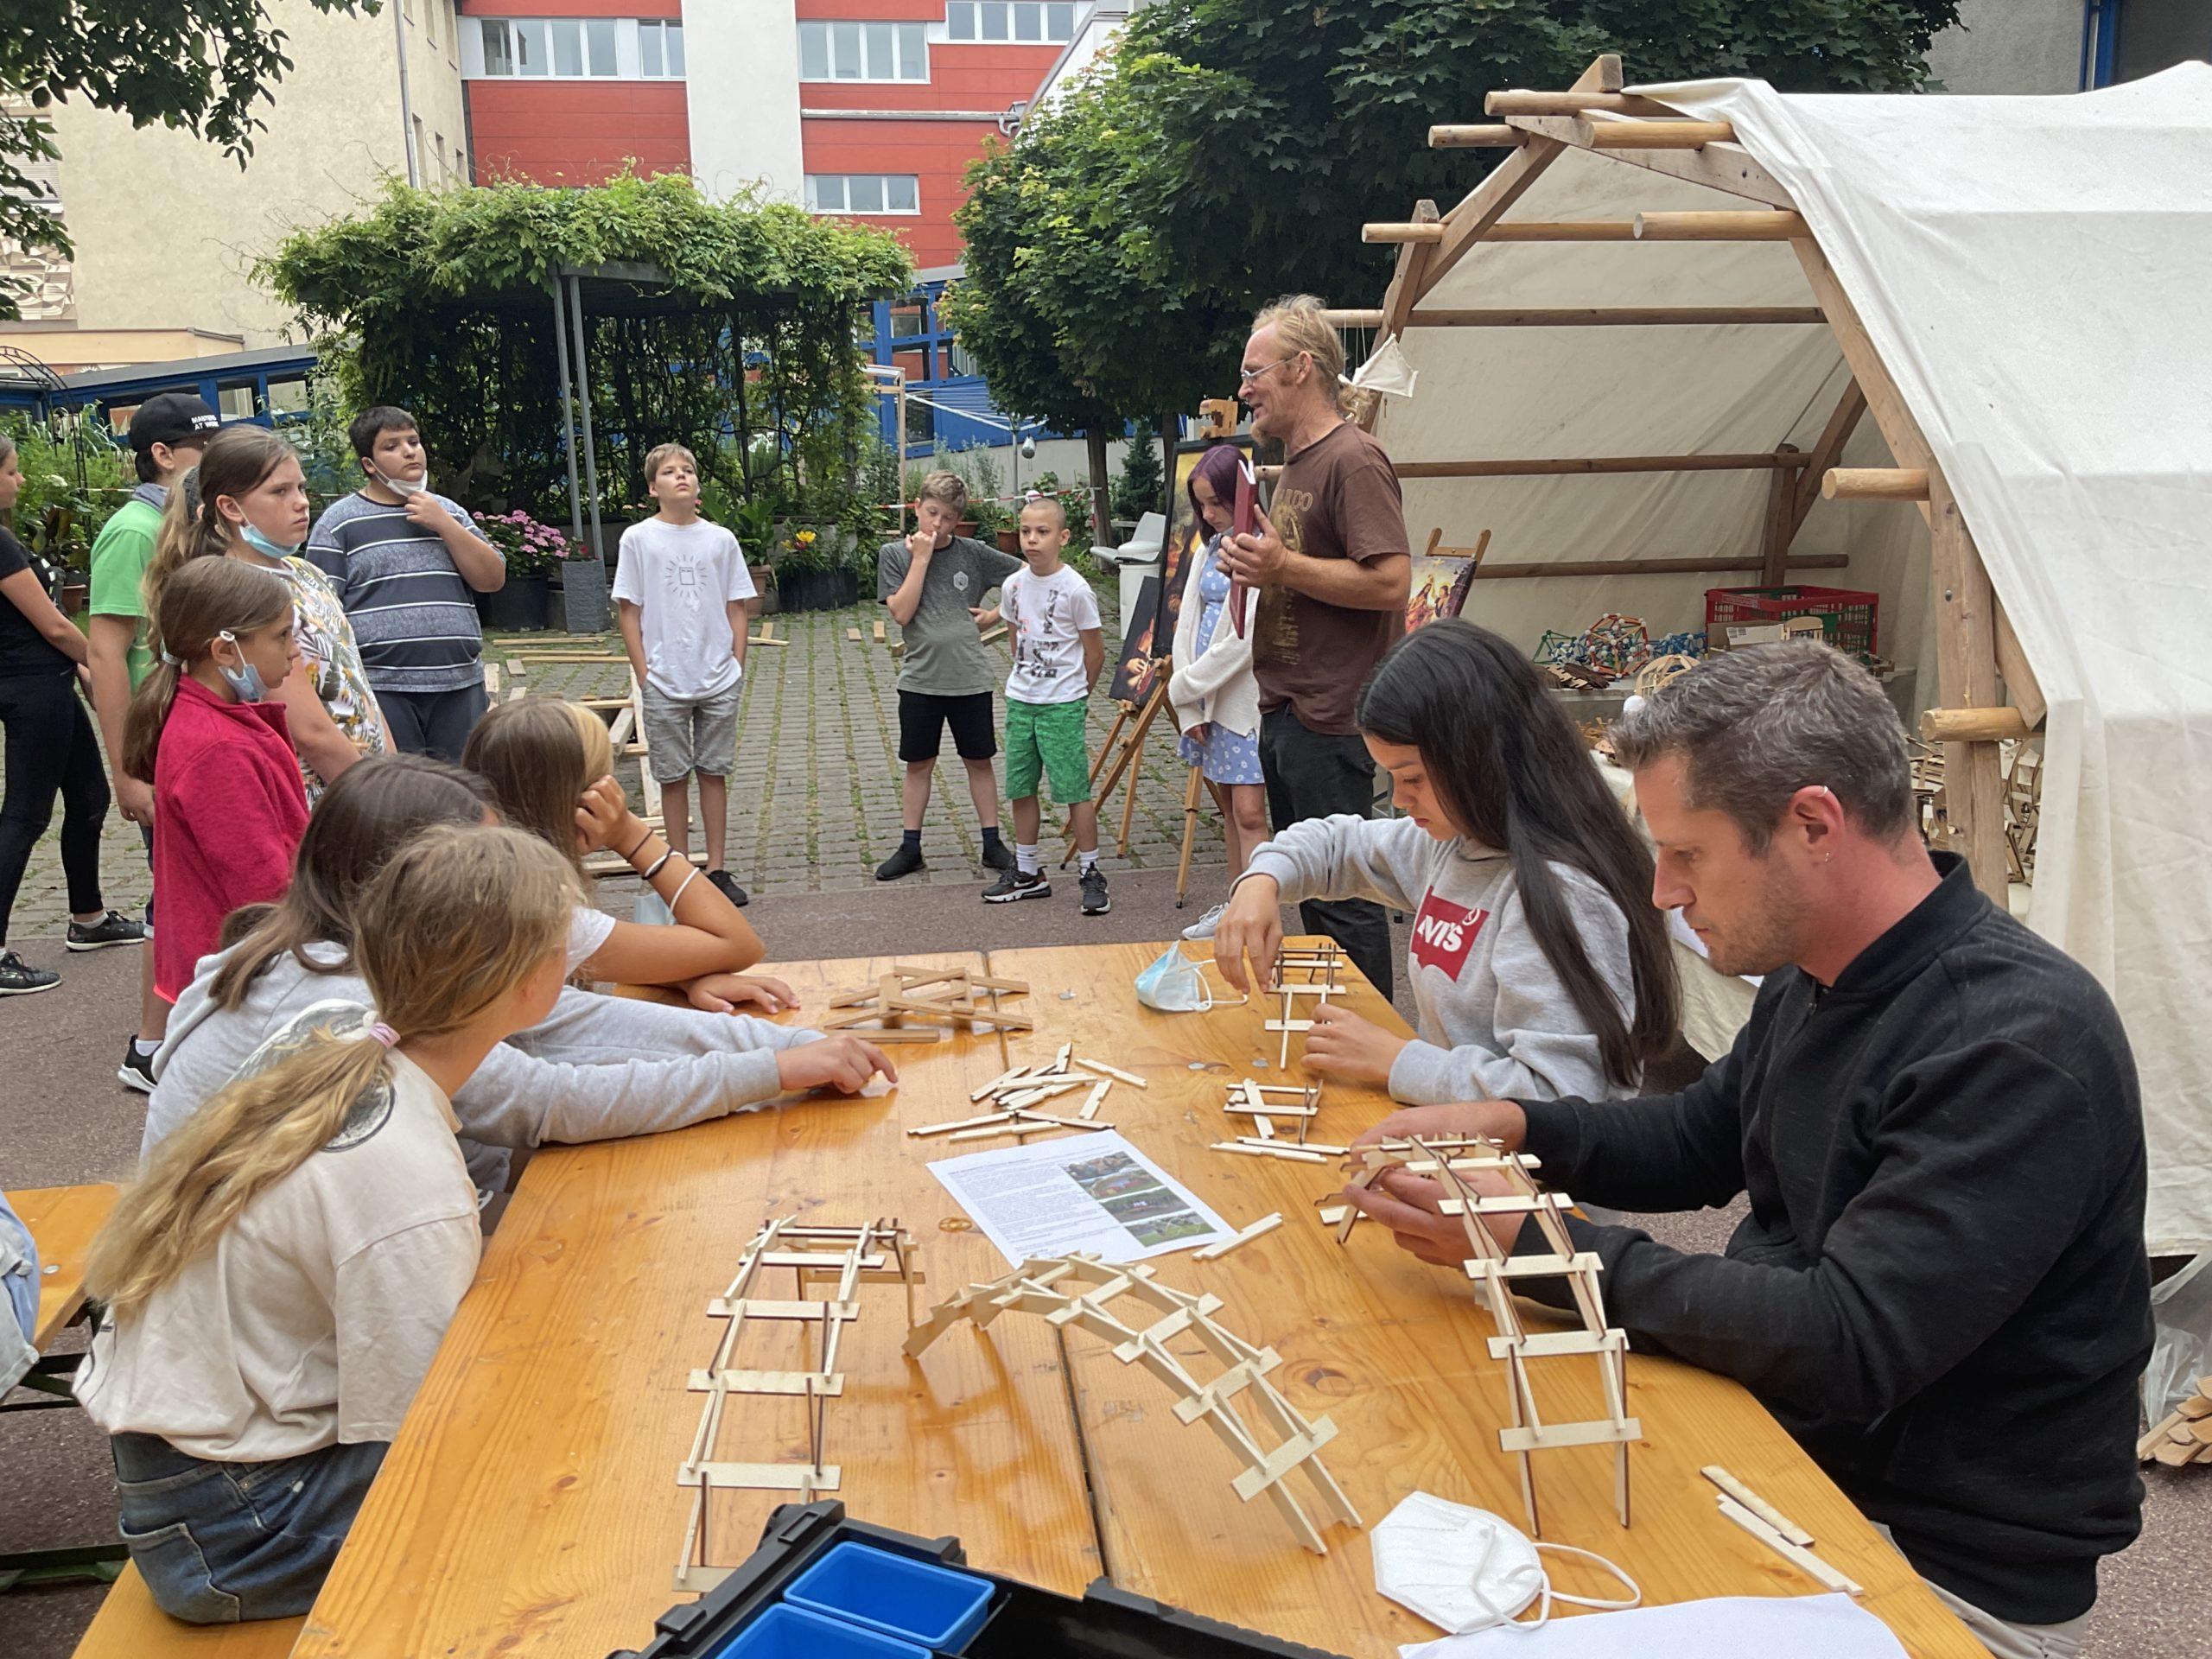 Umwelt:Spiel:Raum – Leonardo da Vinci Werkstatt